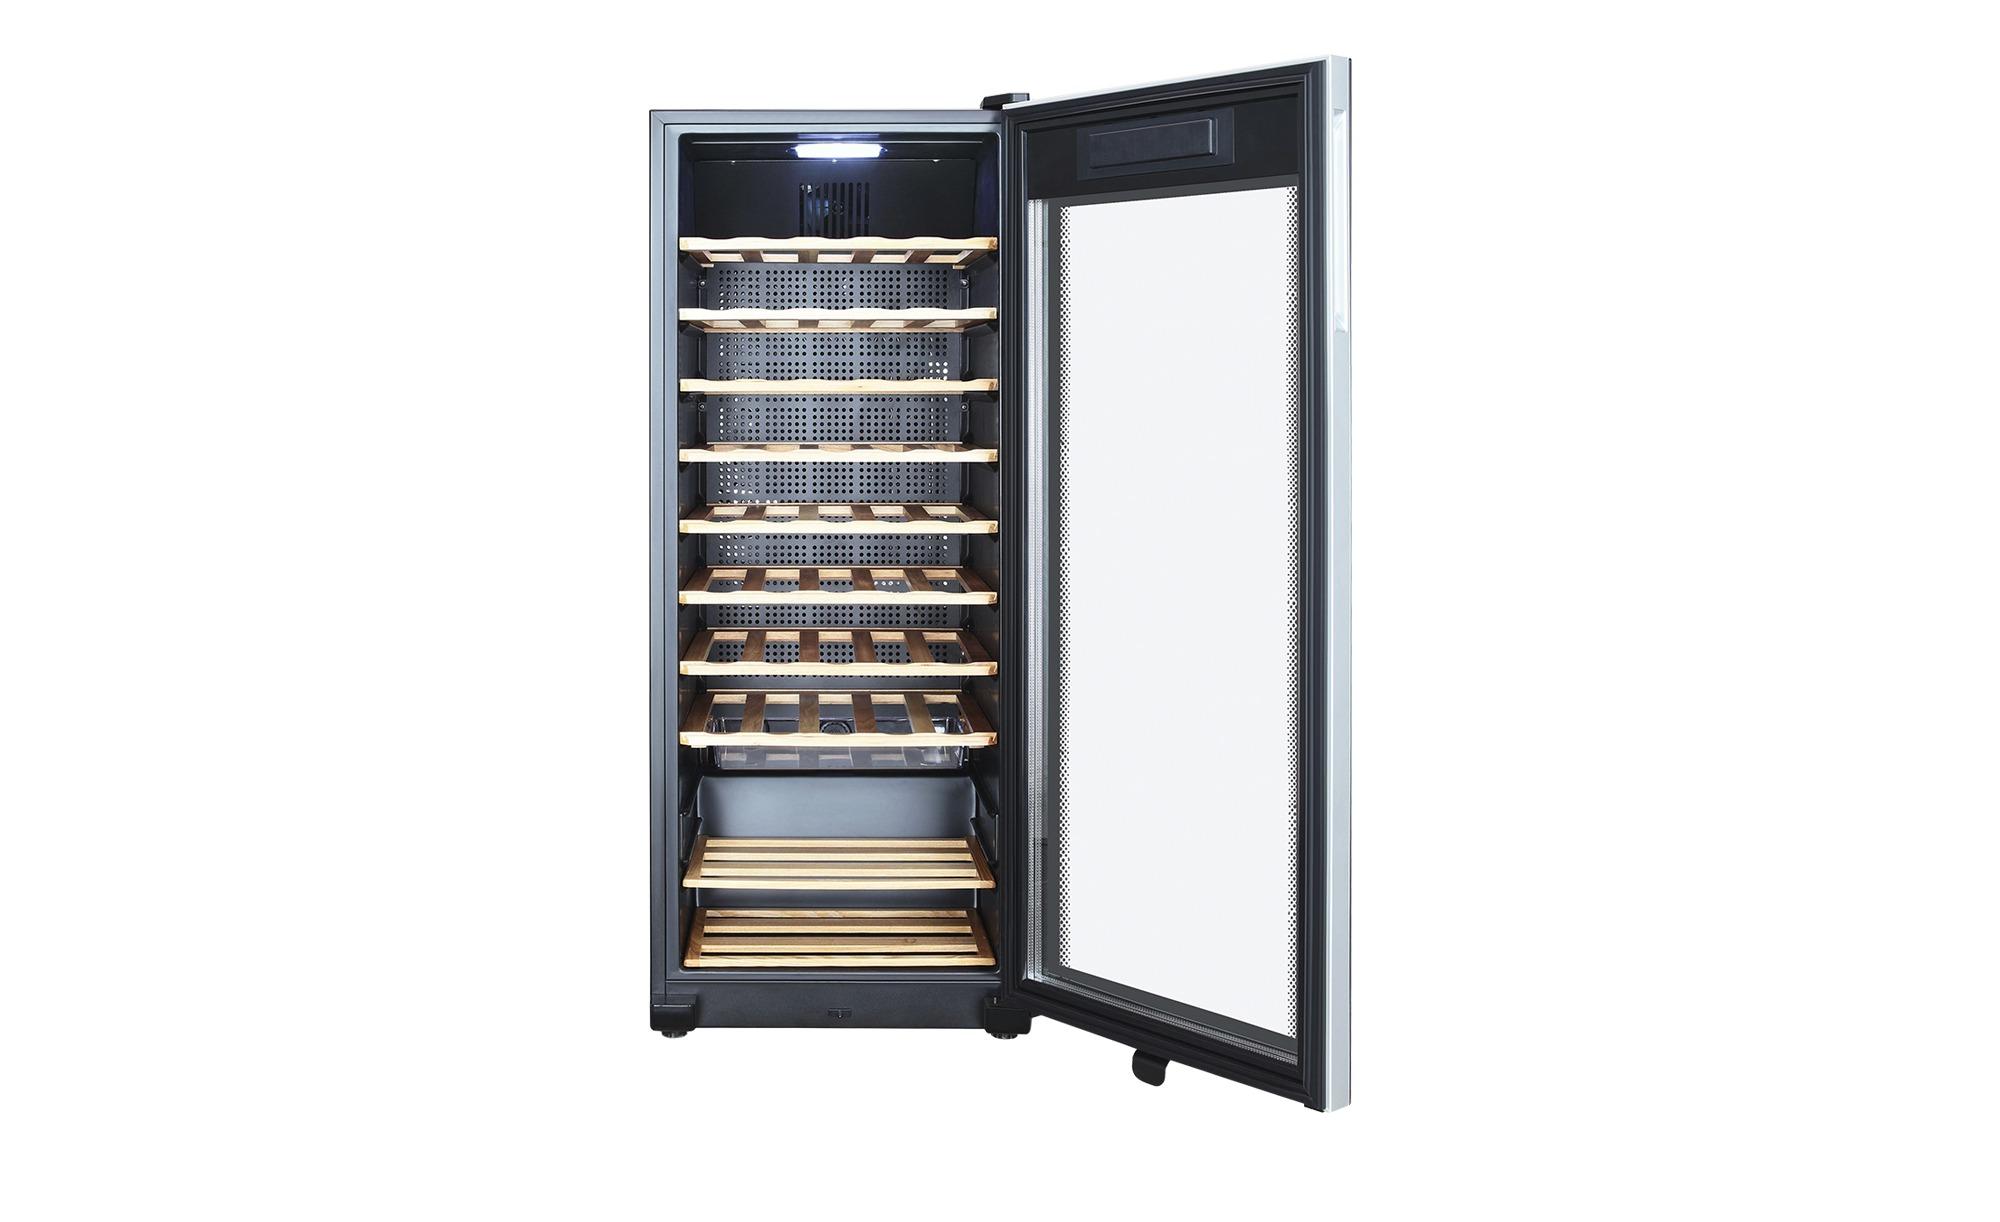 Smeg Kühlschrank 140 Cm : Kühlschränke online kaufen möbel suchmaschine ladendirekt.de